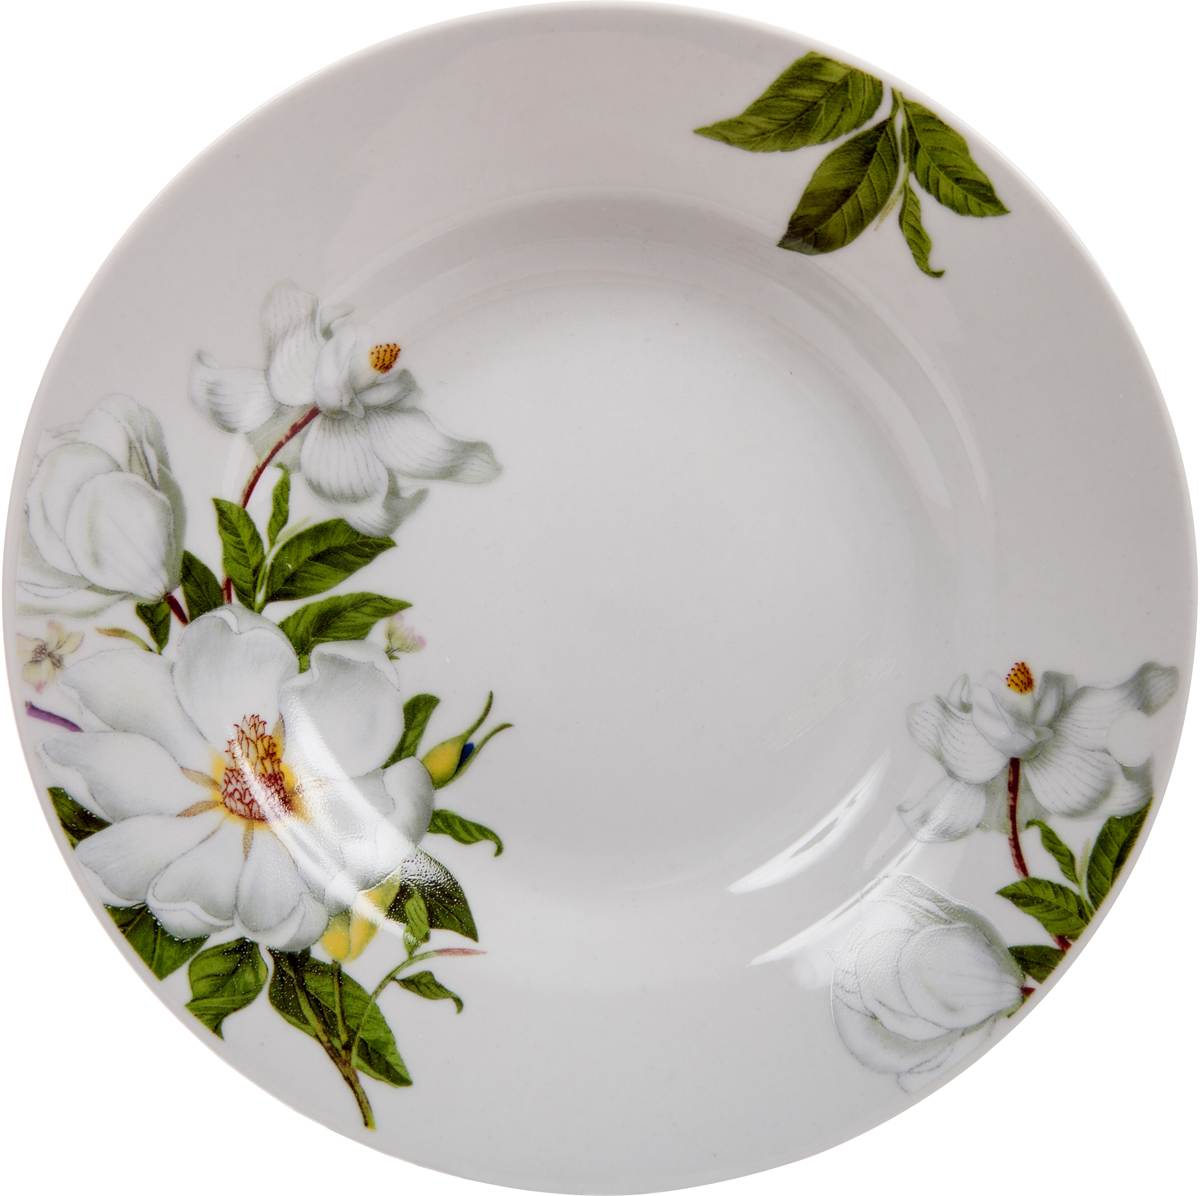 Тарелка глубокая Dasen Шиповник, диаметр 20 смDNDSR-SH059-2Тарелка Dasen Лазурный орнамент изготовлена из высококачественного фарфора. Предназначена для красивой подачи различных блюд. Изделие декорировано изящным рисунком. Такая тарелка украсит сервировку стола и подчеркнет прекрасный вкус хозяйки. Она дополнит коллекцию вашей кухонной посуды и будет служить долгие годы.Можно мыть в посудомоечной машине и использовать в СВЧ.